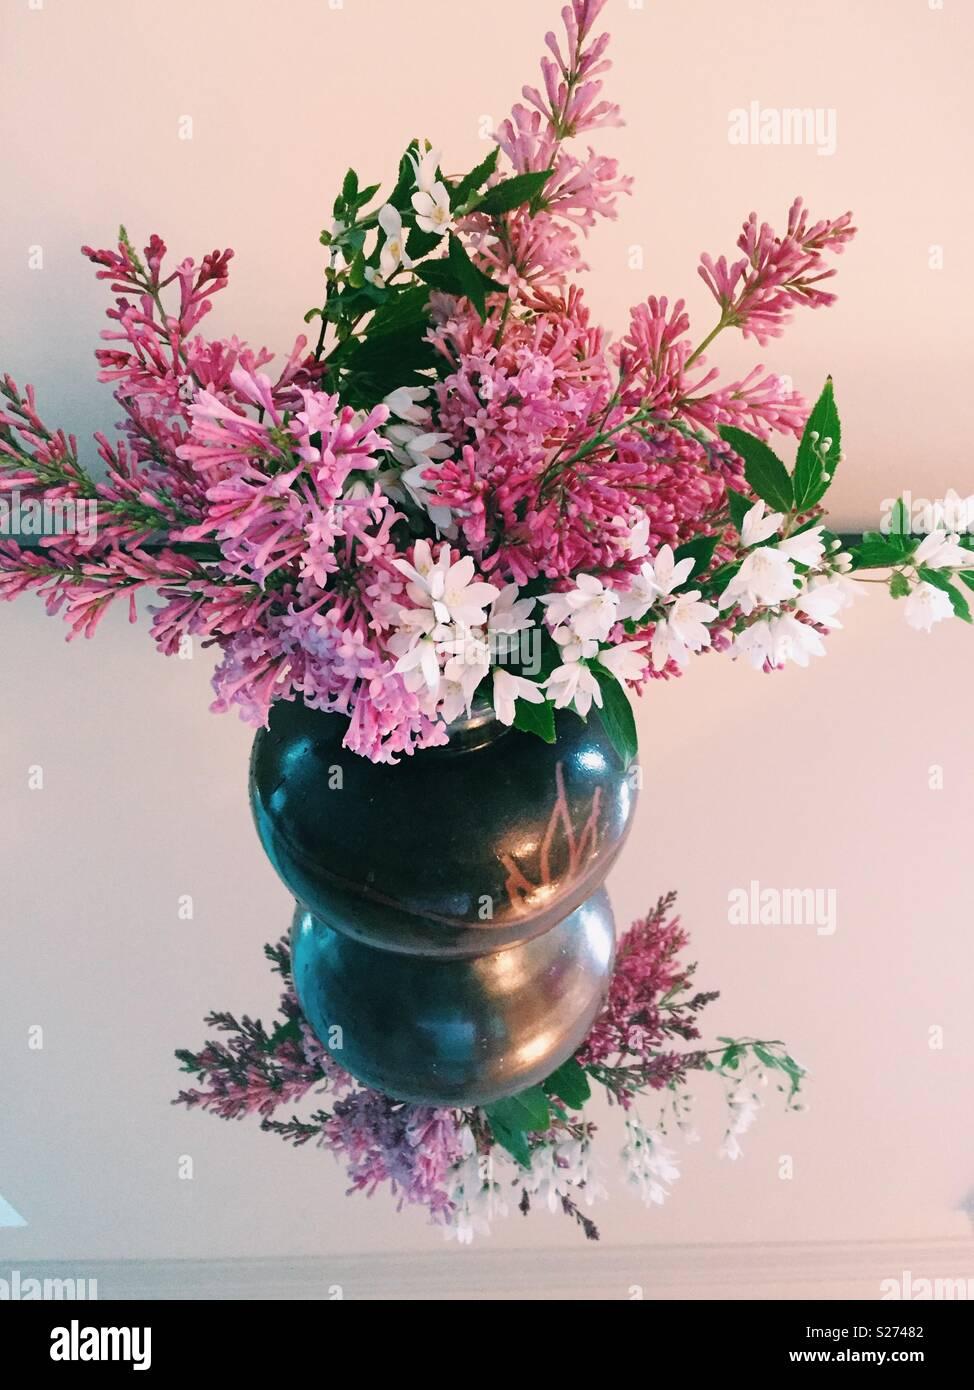 Fiori di Primavera in vaso in ceramica. Immagini Stock